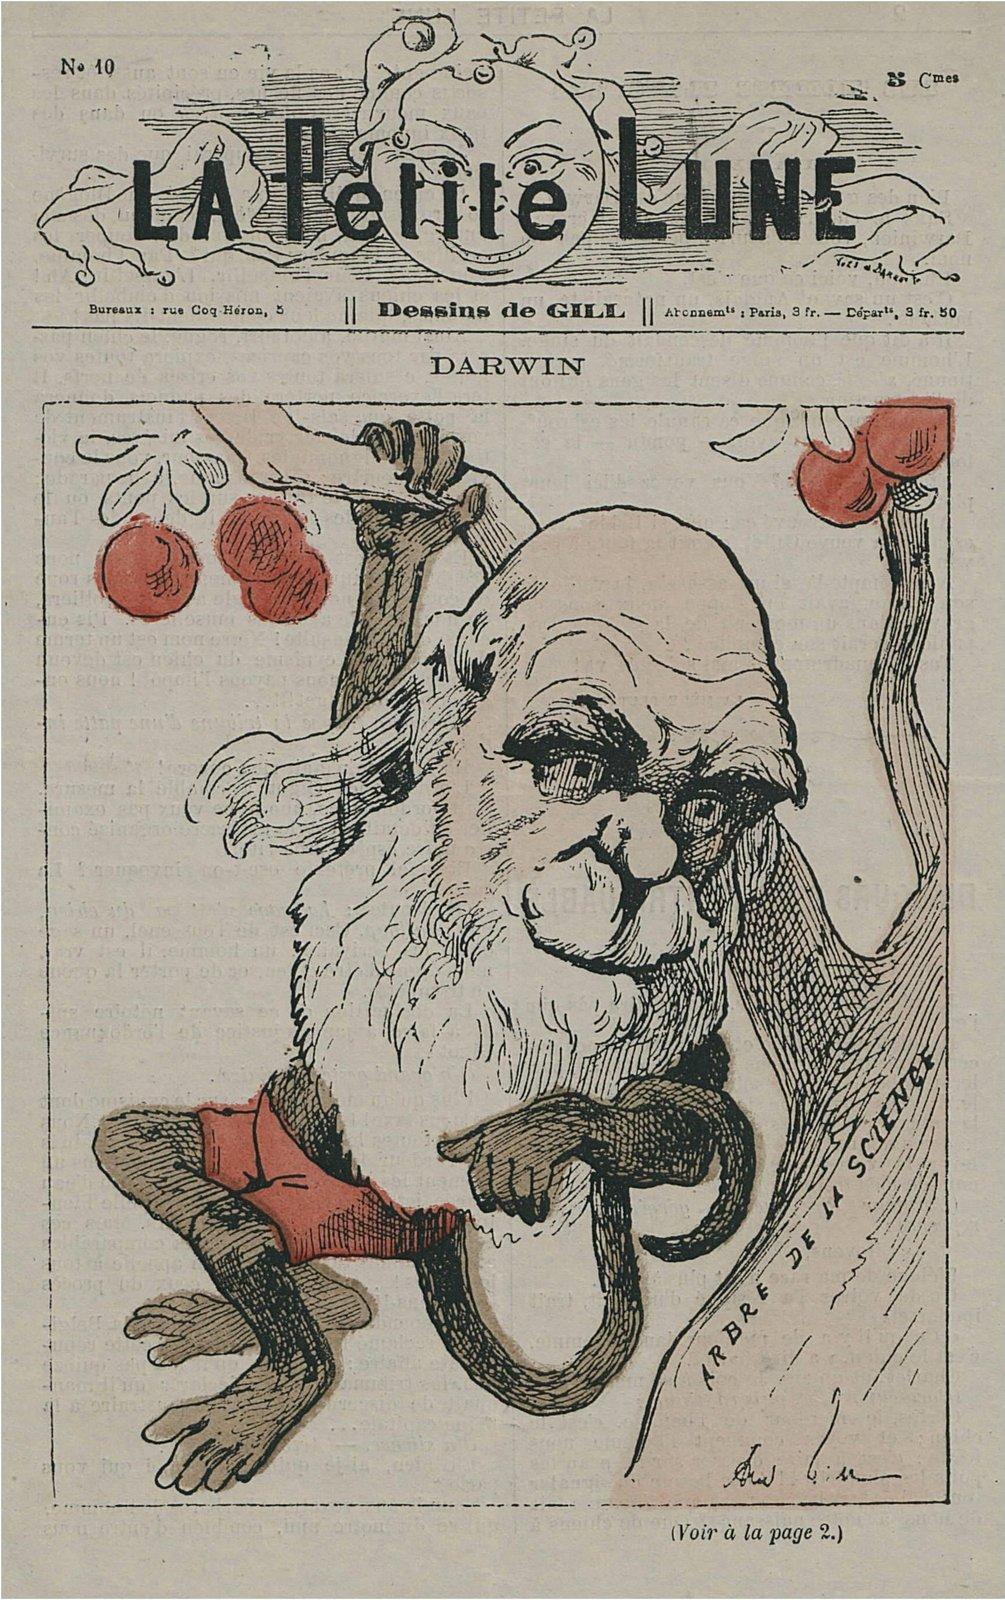 Karykatura Karola Darwina Źródło: André Gill, Karykatura Karola Darwina, 1878, domena publiczna.